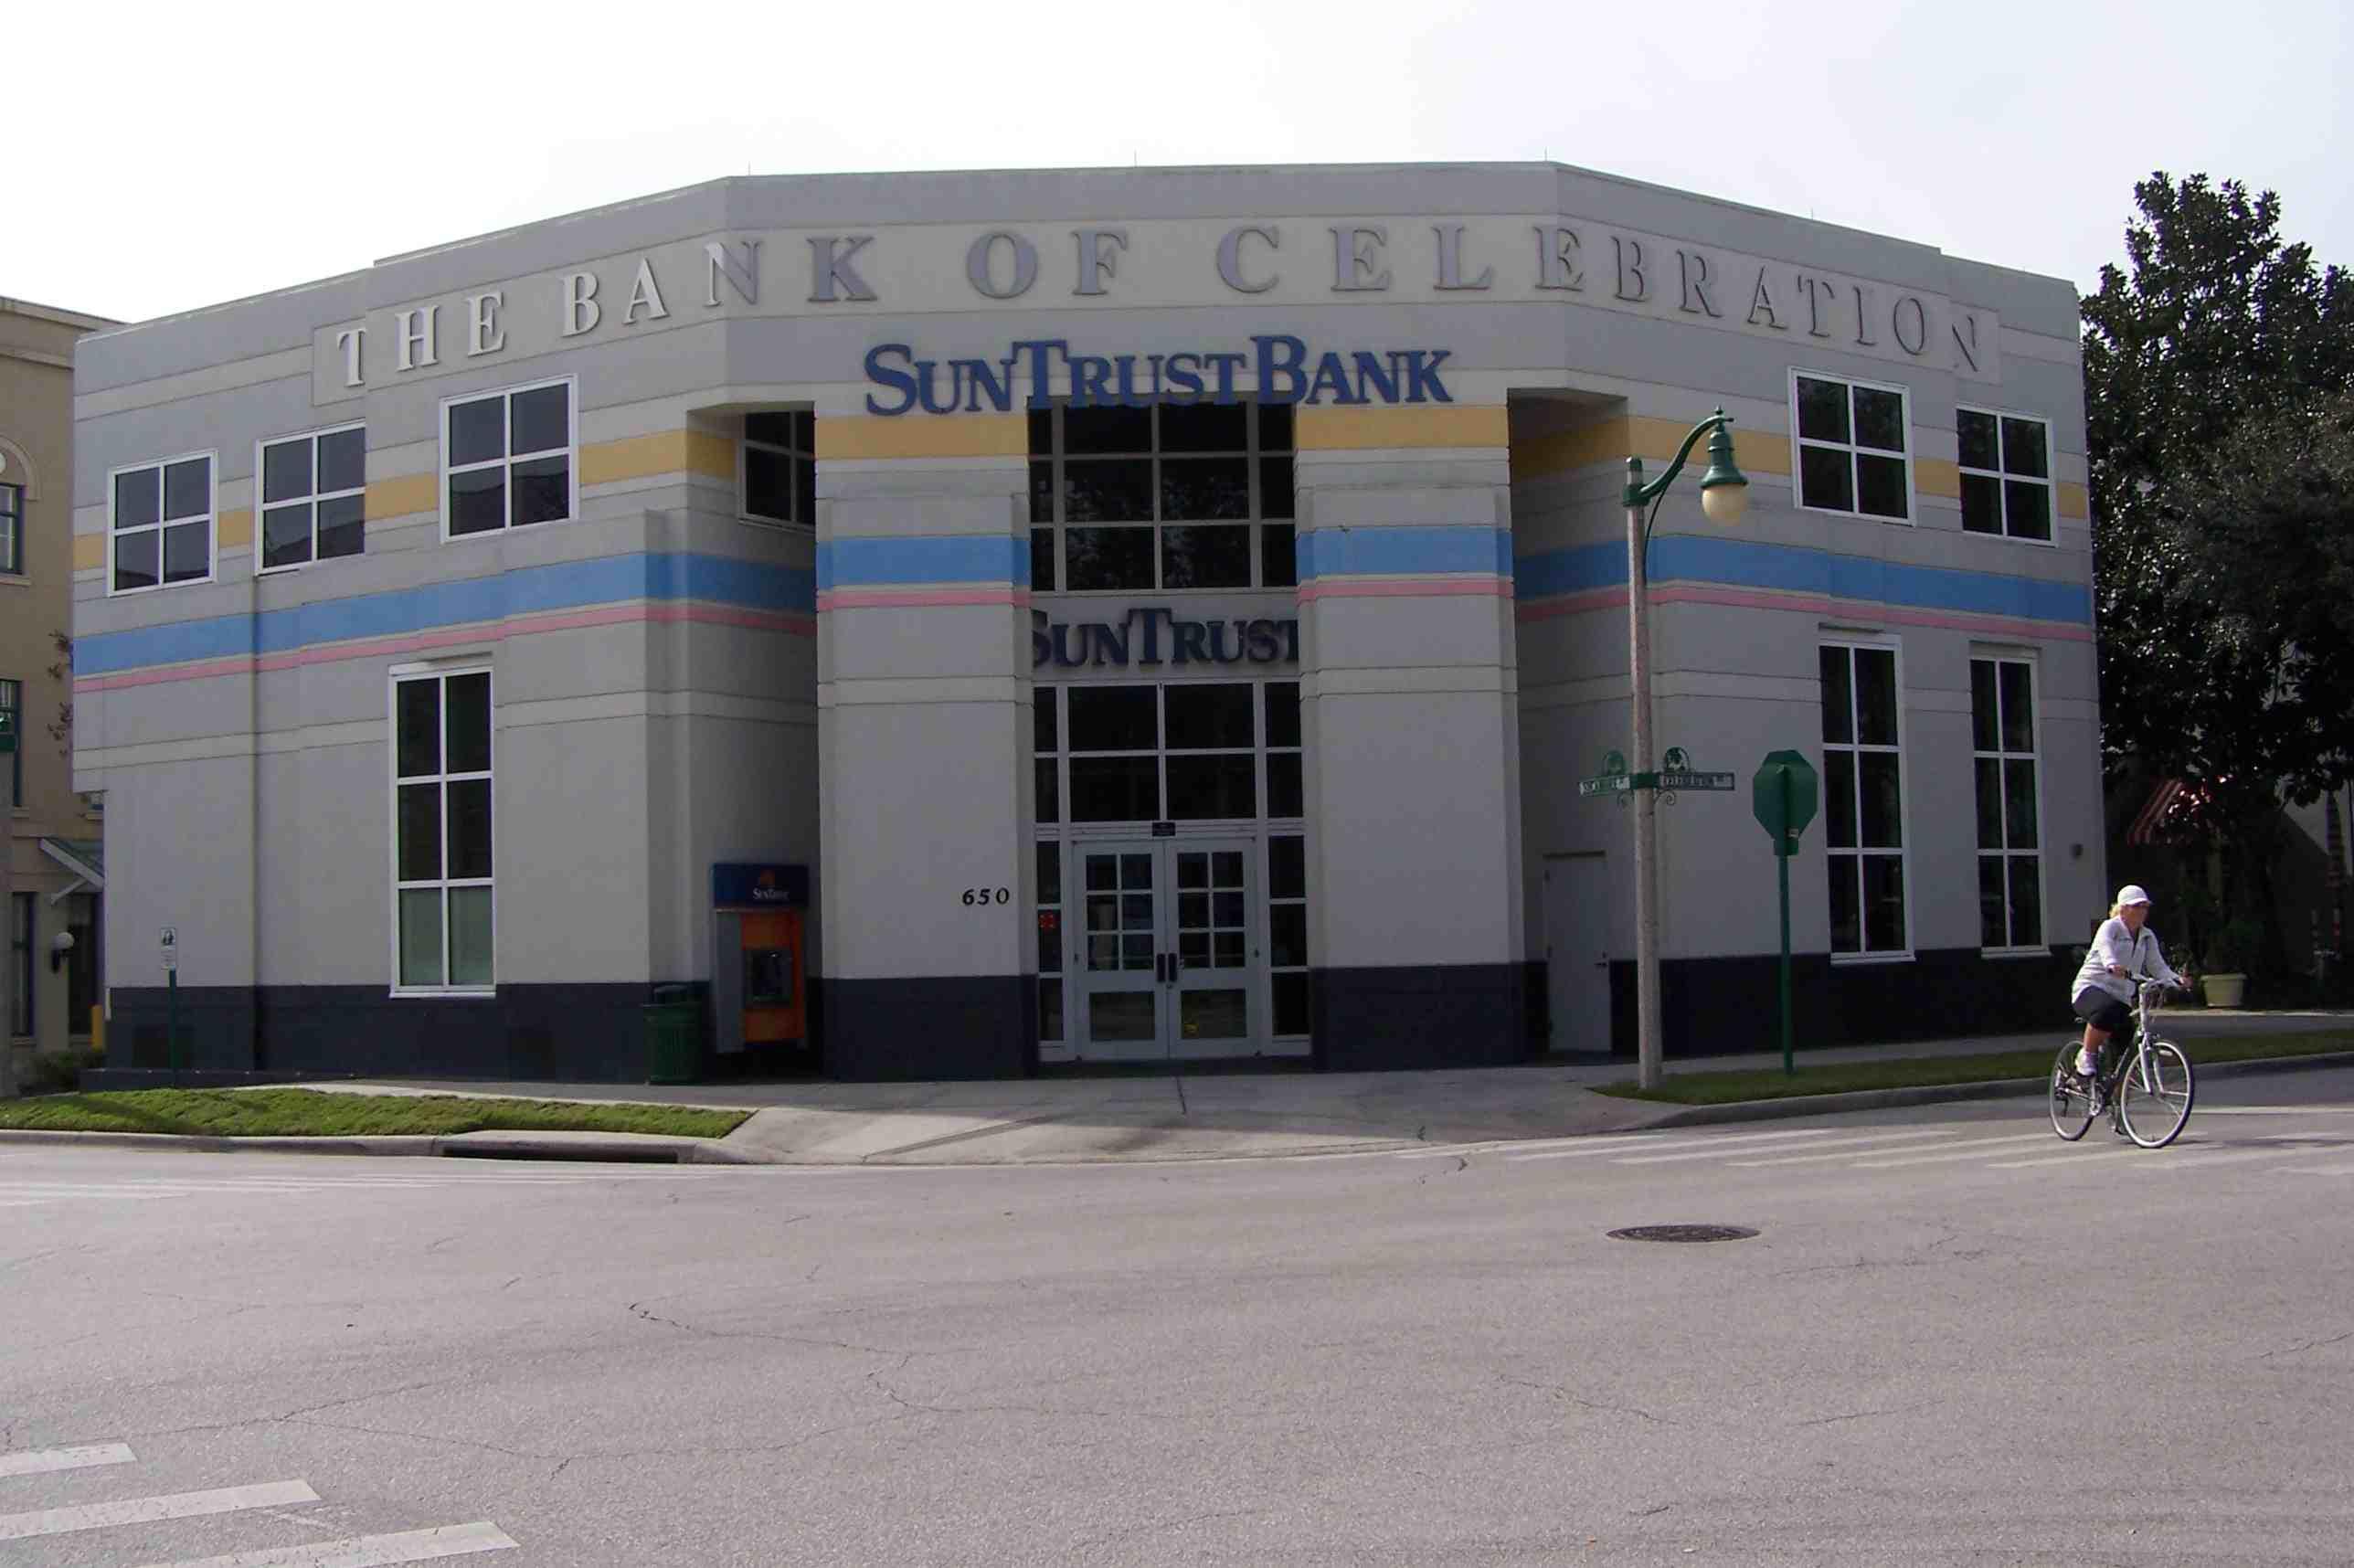 Sun Trust Bank, The Bank of Celebration, con una fachada de tres lados, persona en bicicleta en una calle cercana